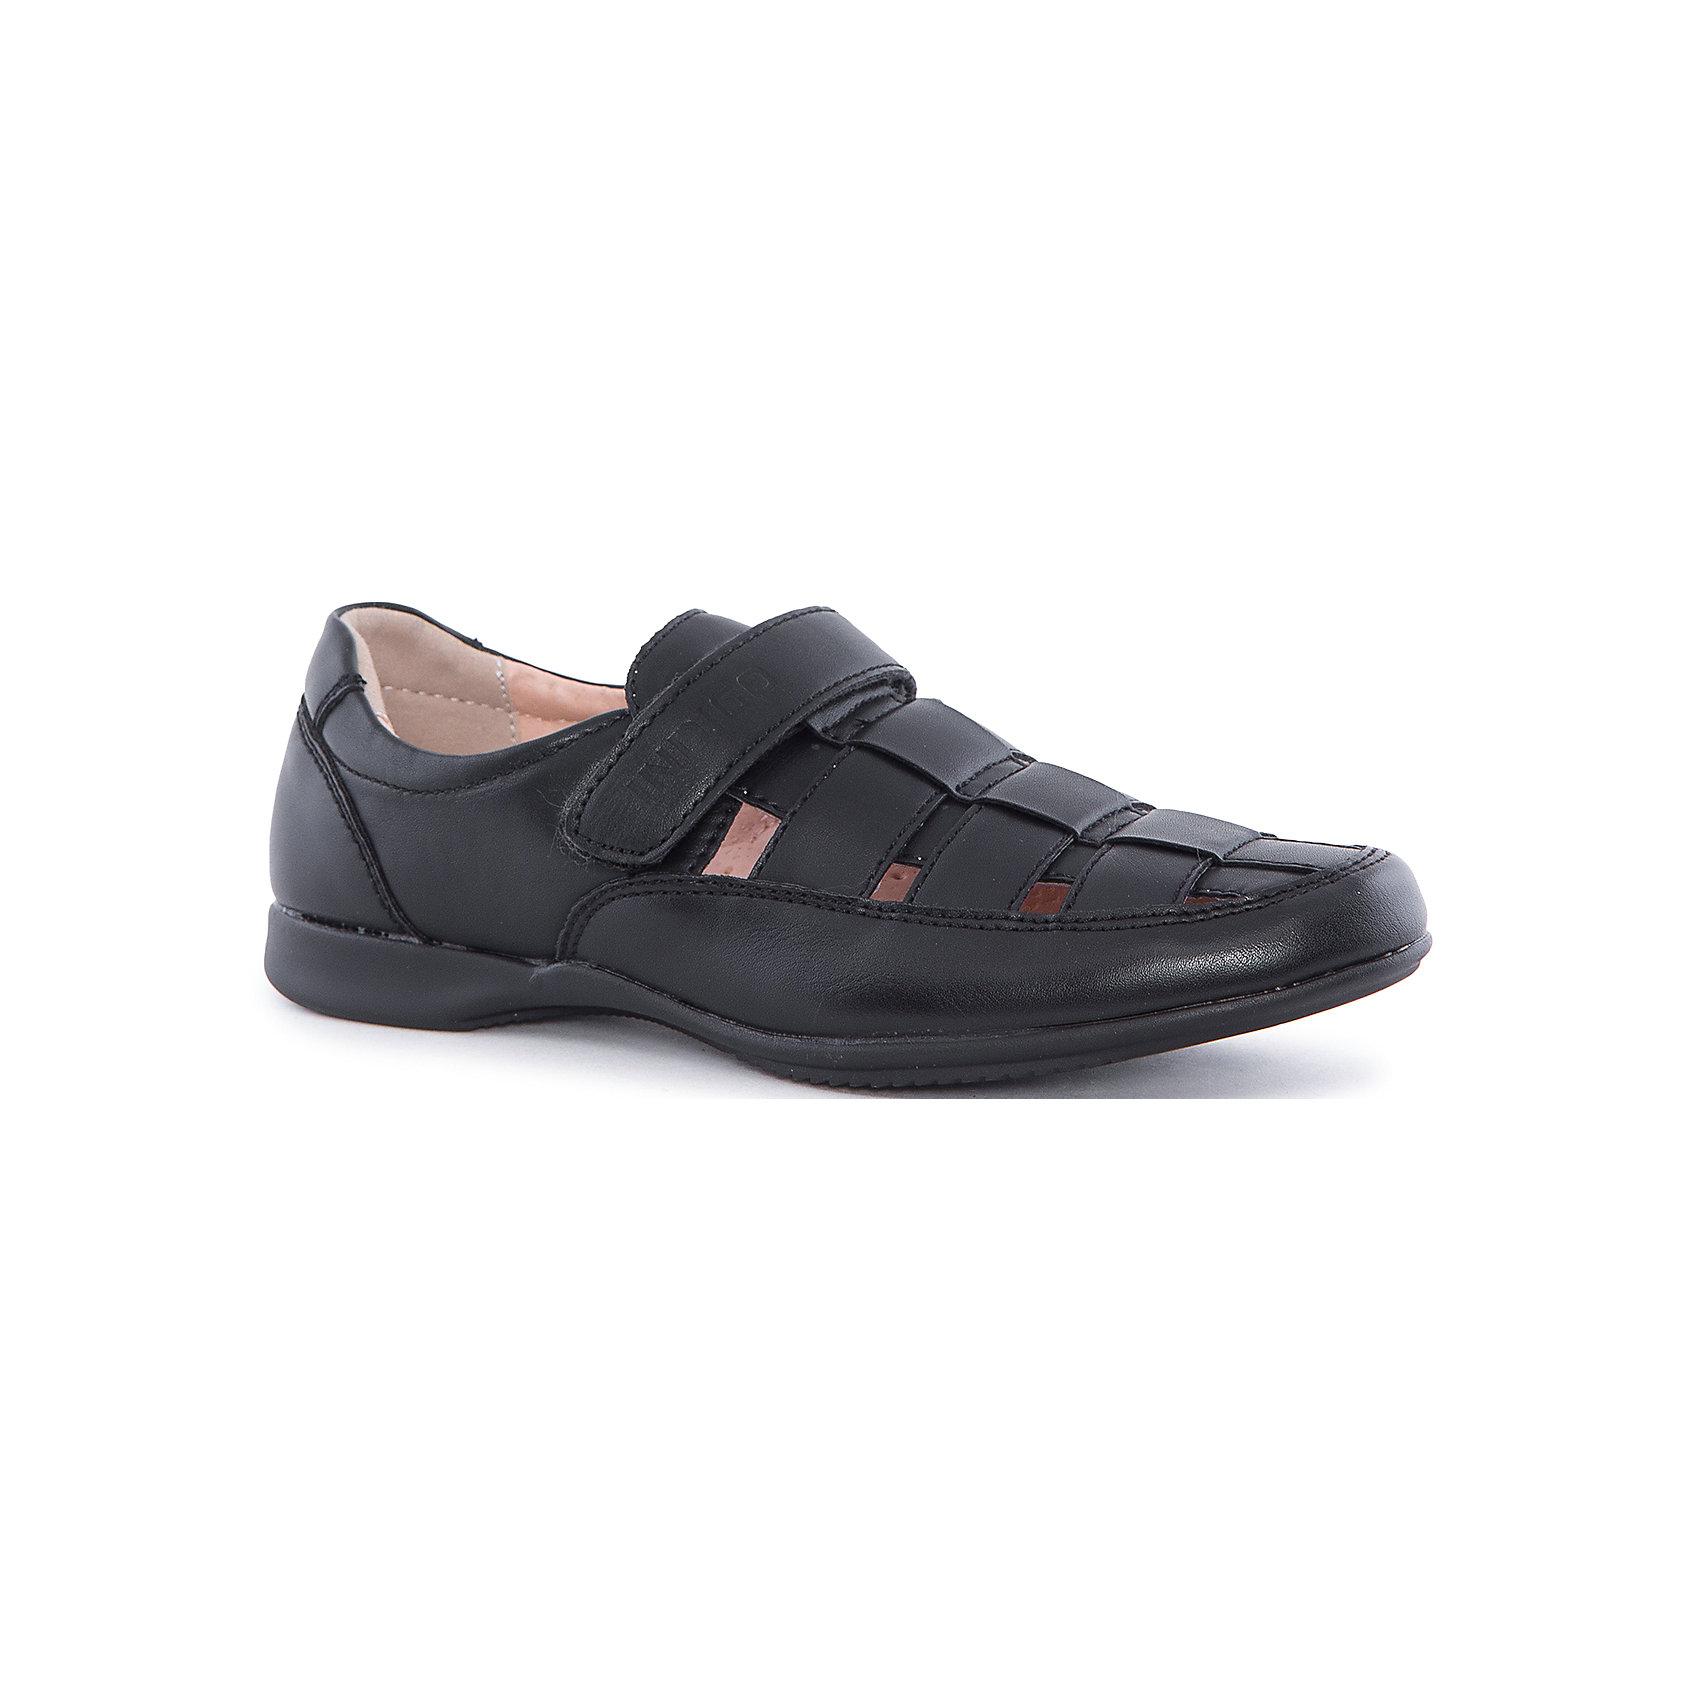 Туфли для мальчика Indigo kidsОбувь<br>Полуботинки для мальчика Indigo kids (Индиго Кидс) от известного отечественного торгового бренда произведены из сочетания натуральных и искусственных материалов: верхняя часть обуви из искусственной кожи, внутренняя часть – из натуральной кожи. Подошва обуви данного производителя выполнена из термопласта (ТЭП), который обладает гибкостью материала, легкостью, прочностью и антискользящими свойствами практически на любой поверхности. Полуботинки разработаны с учетом анатомических особенностей детской стопы: у них мягкая пятка, круглый носок и застежка на липучке. Обувь выполнена в черном цвете. Полуботинки от Indigo kids подходят для сменной обуви, так как они легкие и прочные. Обувь от Indigo kids – это удобство, комфорт и стиль!<br><br>Дополнительная информация:<br><br>- Предназначение: повседневная обувь, для сменной обуви в школу<br>- Цвет: черный<br>- Пол: для мальчика<br>- Сезон: демисезонные<br>- Особенности ухода: сухая и влажная чистка<br><br>Подробнее:<br><br>• Страна производитель: Китай<br>• Торговый бренд: Indigo kids<br><br>Полуботинки для мальчика Indigo kids (Индиго Кидс) можно купить в нашем интернет-магазине.<br><br>Ширина мм: 262<br>Глубина мм: 176<br>Высота мм: 97<br>Вес г: 427<br>Цвет: черный<br>Возраст от месяцев: 96<br>Возраст до месяцев: 108<br>Пол: Мужской<br>Возраст: Детский<br>Размер: 32,37,33,34,35,36<br>SKU: 4885451